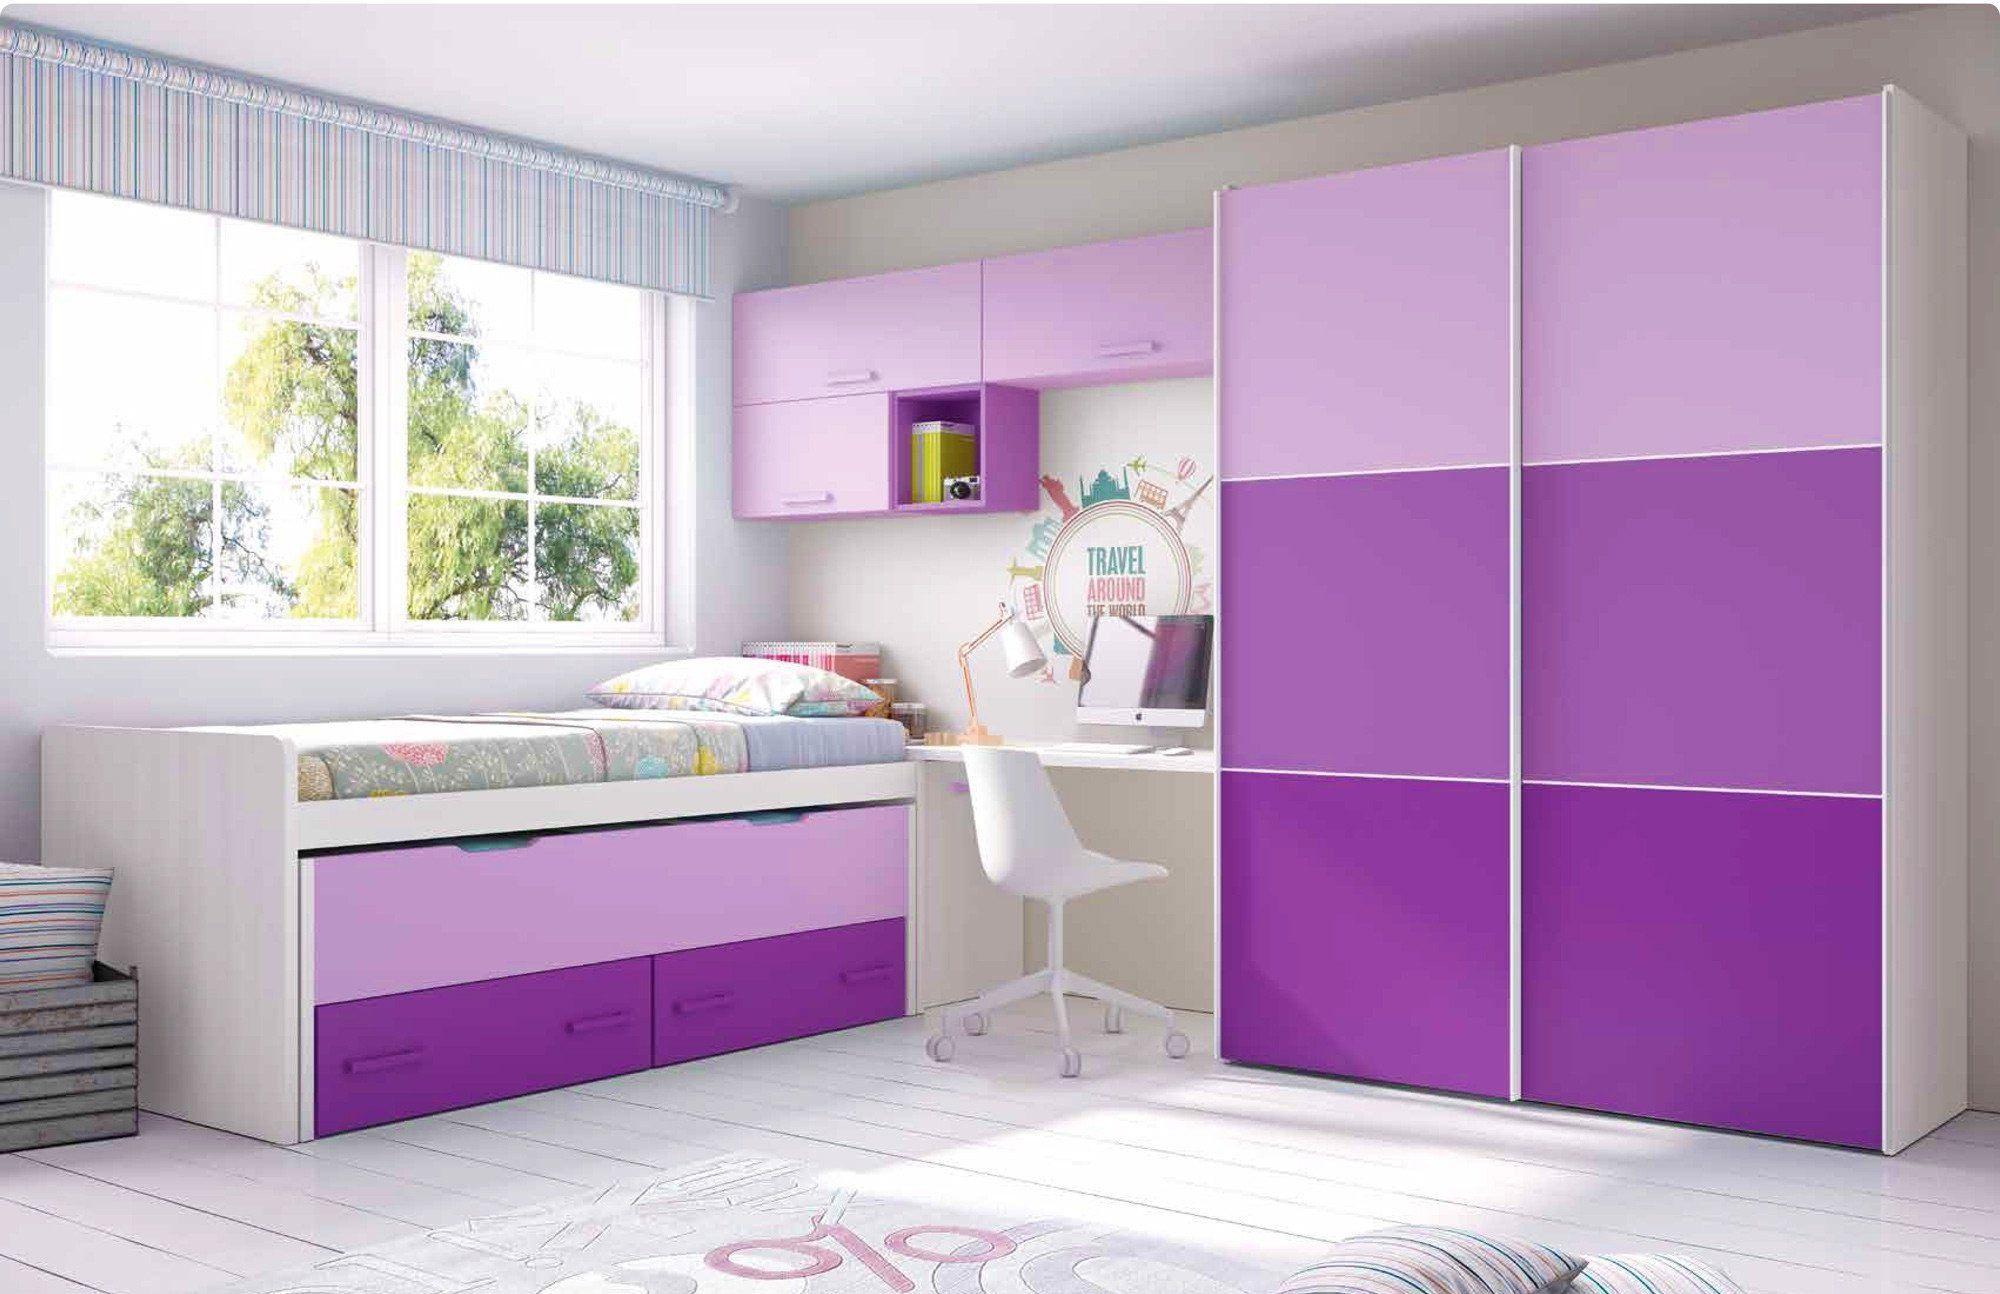 Ikea Lit Fille Inspirant Juste Ikea Chambre Fille Ado Avec Lit 2 Places Ado Garcon ¢‹†…¡ Lit